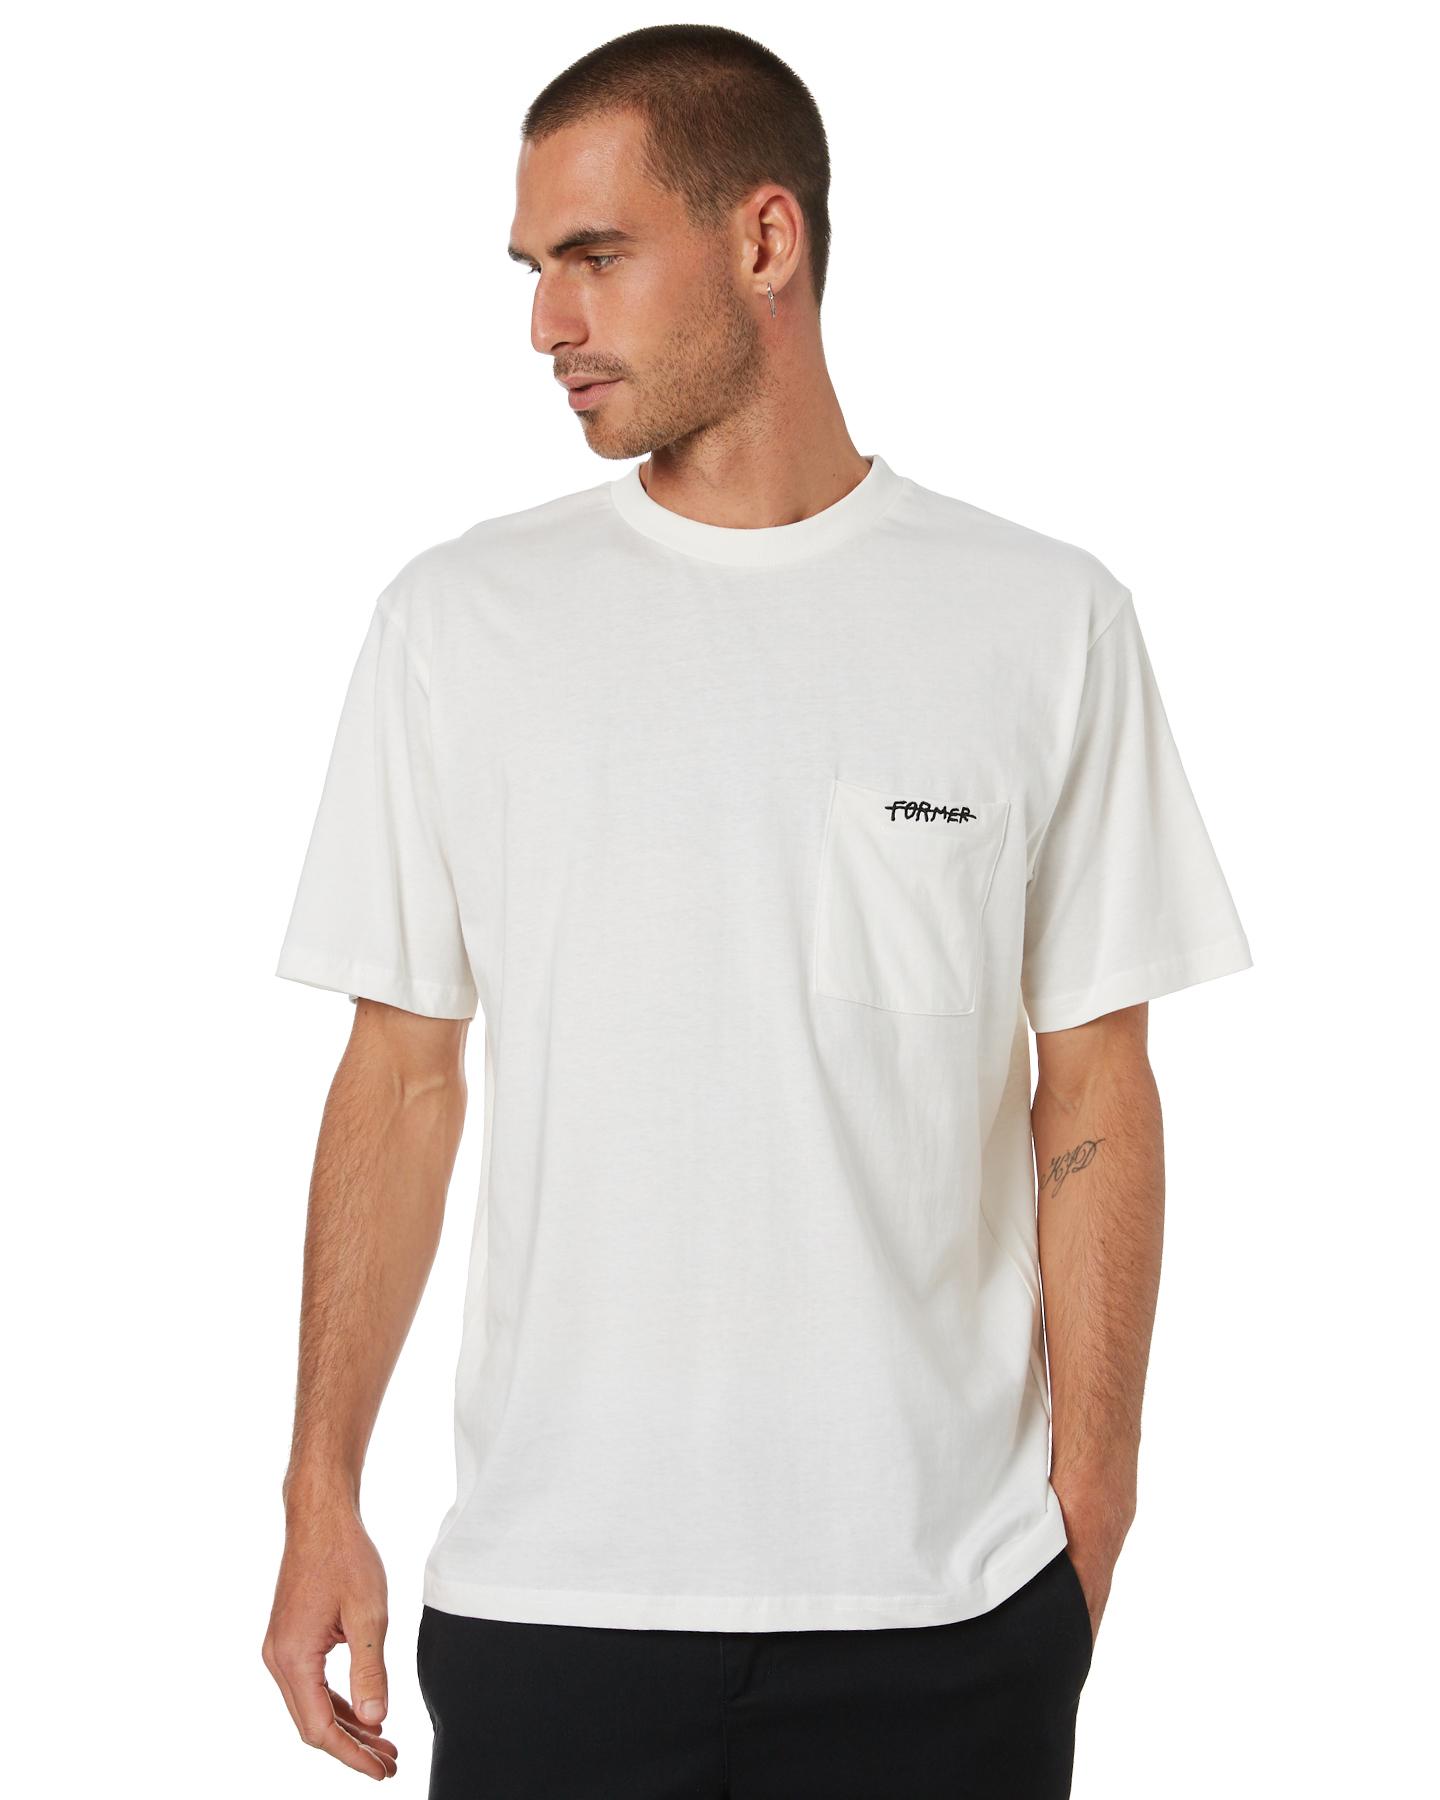 Former Pocket Script Mens T-Shirt Creme Creme